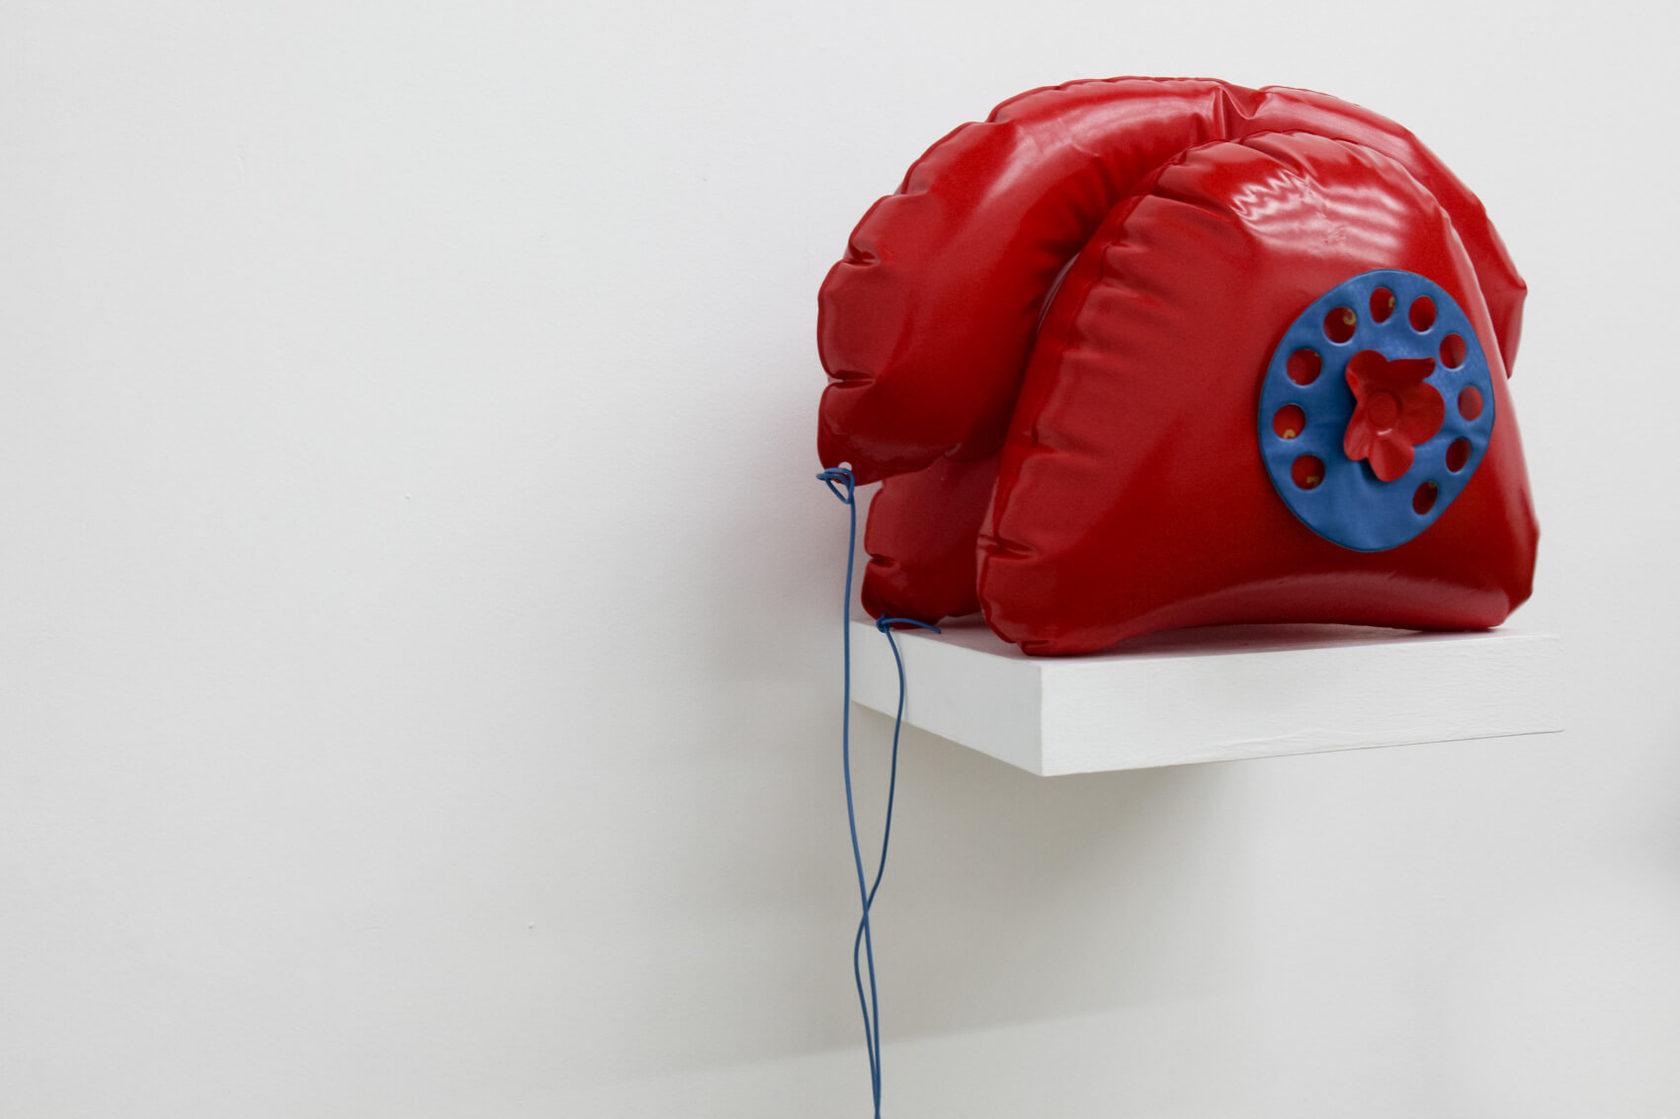 Ян Гинзбург «СОВПИС», 2019, галерея Osnova. Фото: Дмитрий Ветров